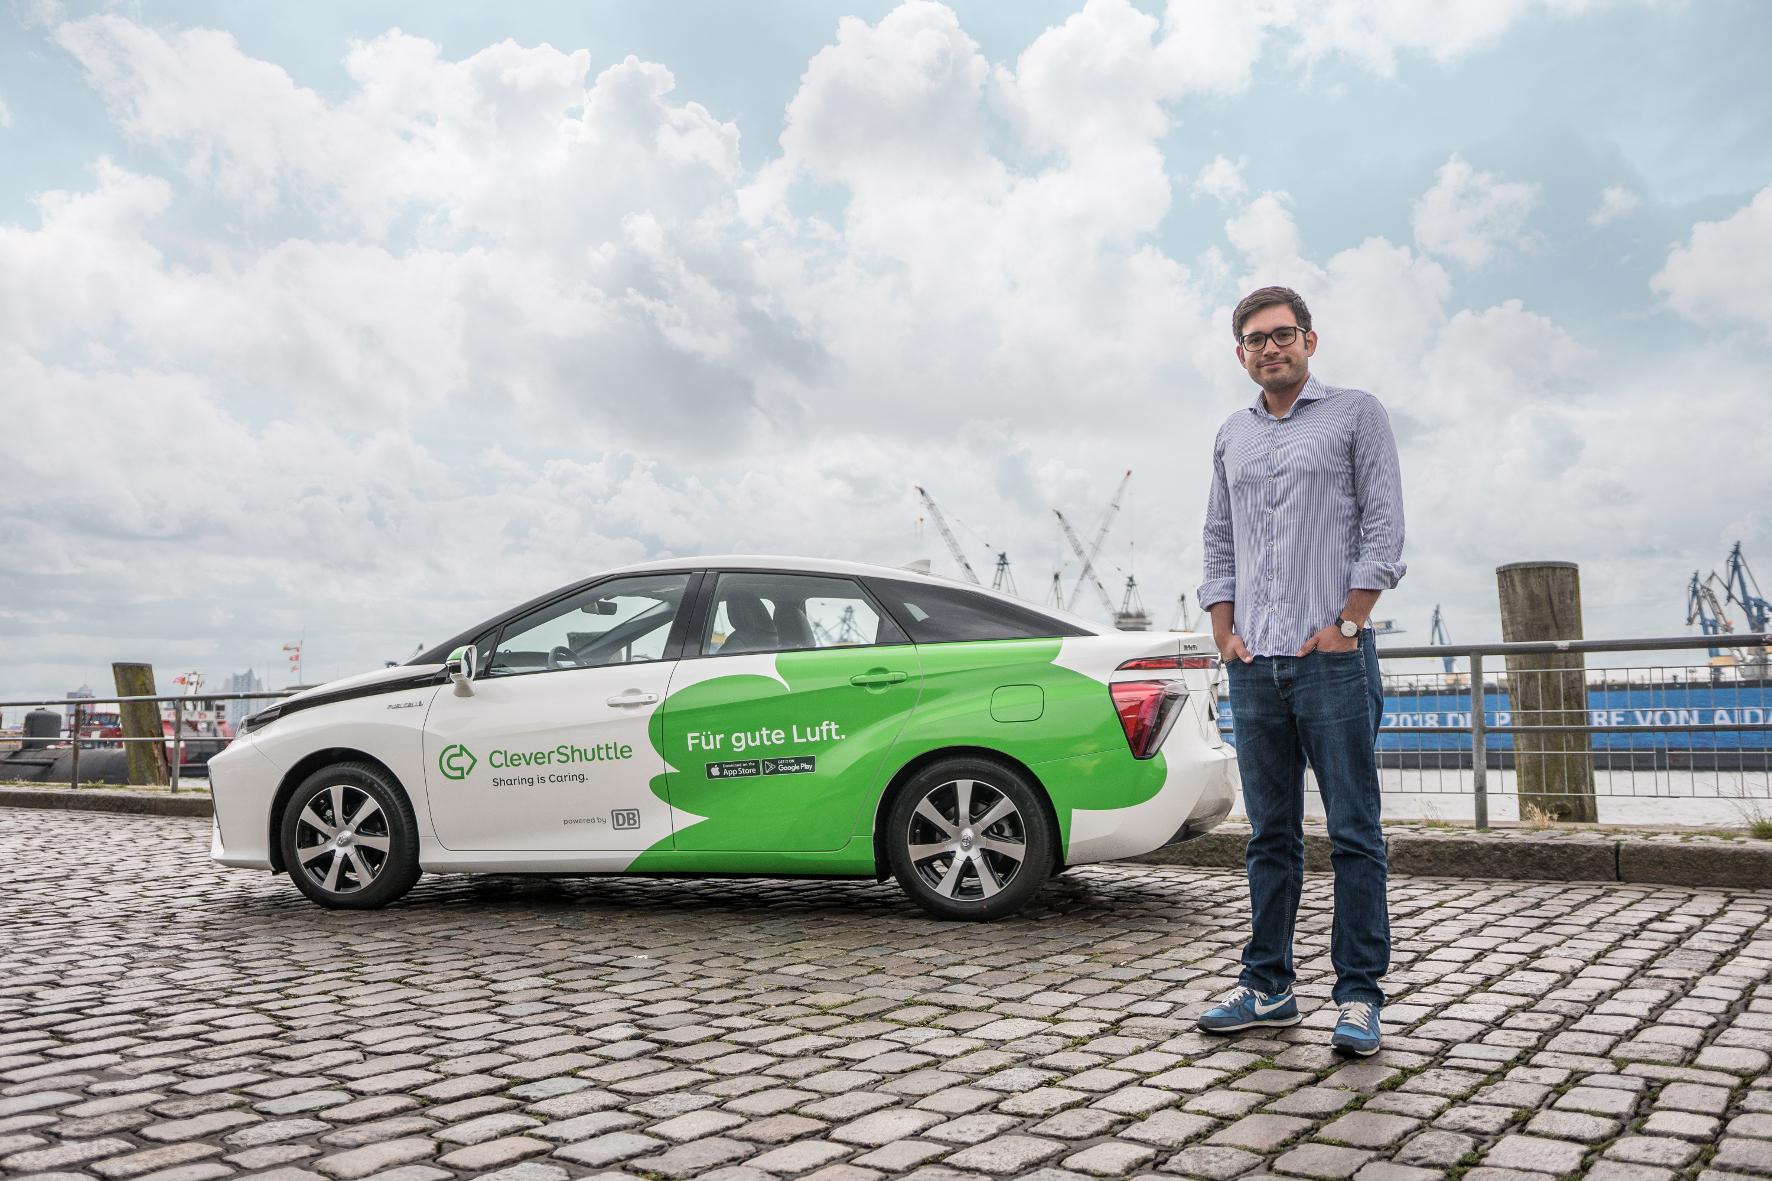 mid Groß-Gerau - Bruno Ginnuth, CEO und Mitgründer von CleverShuttle, blickt auf ein erfolgreiches Jahr zurück. CleverShuttle